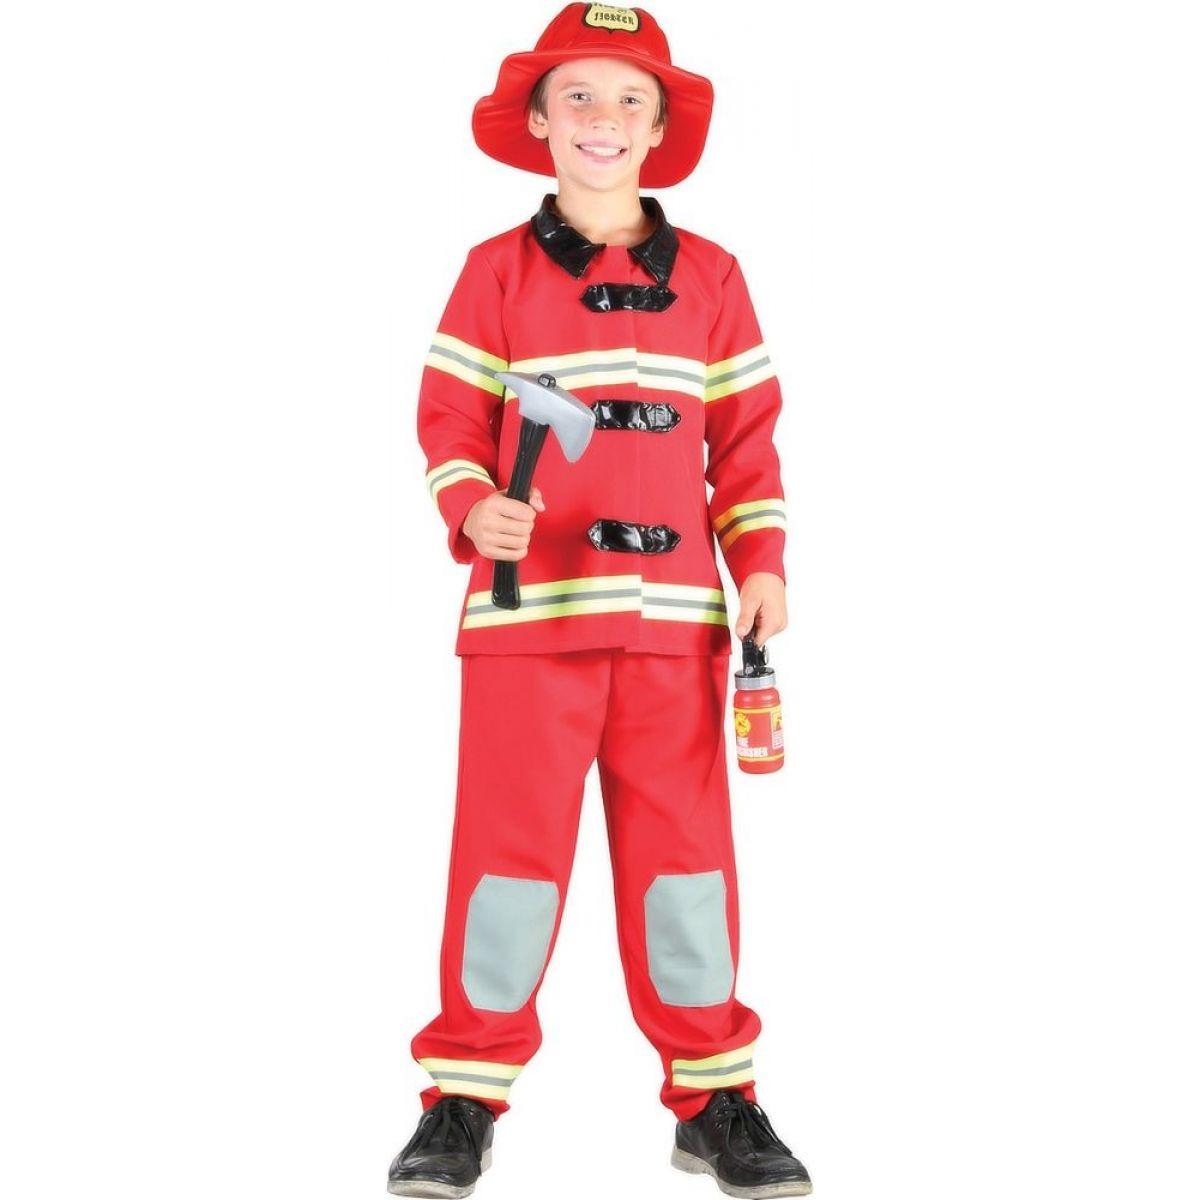 Made Dětský kostým Hasič 110-120cm